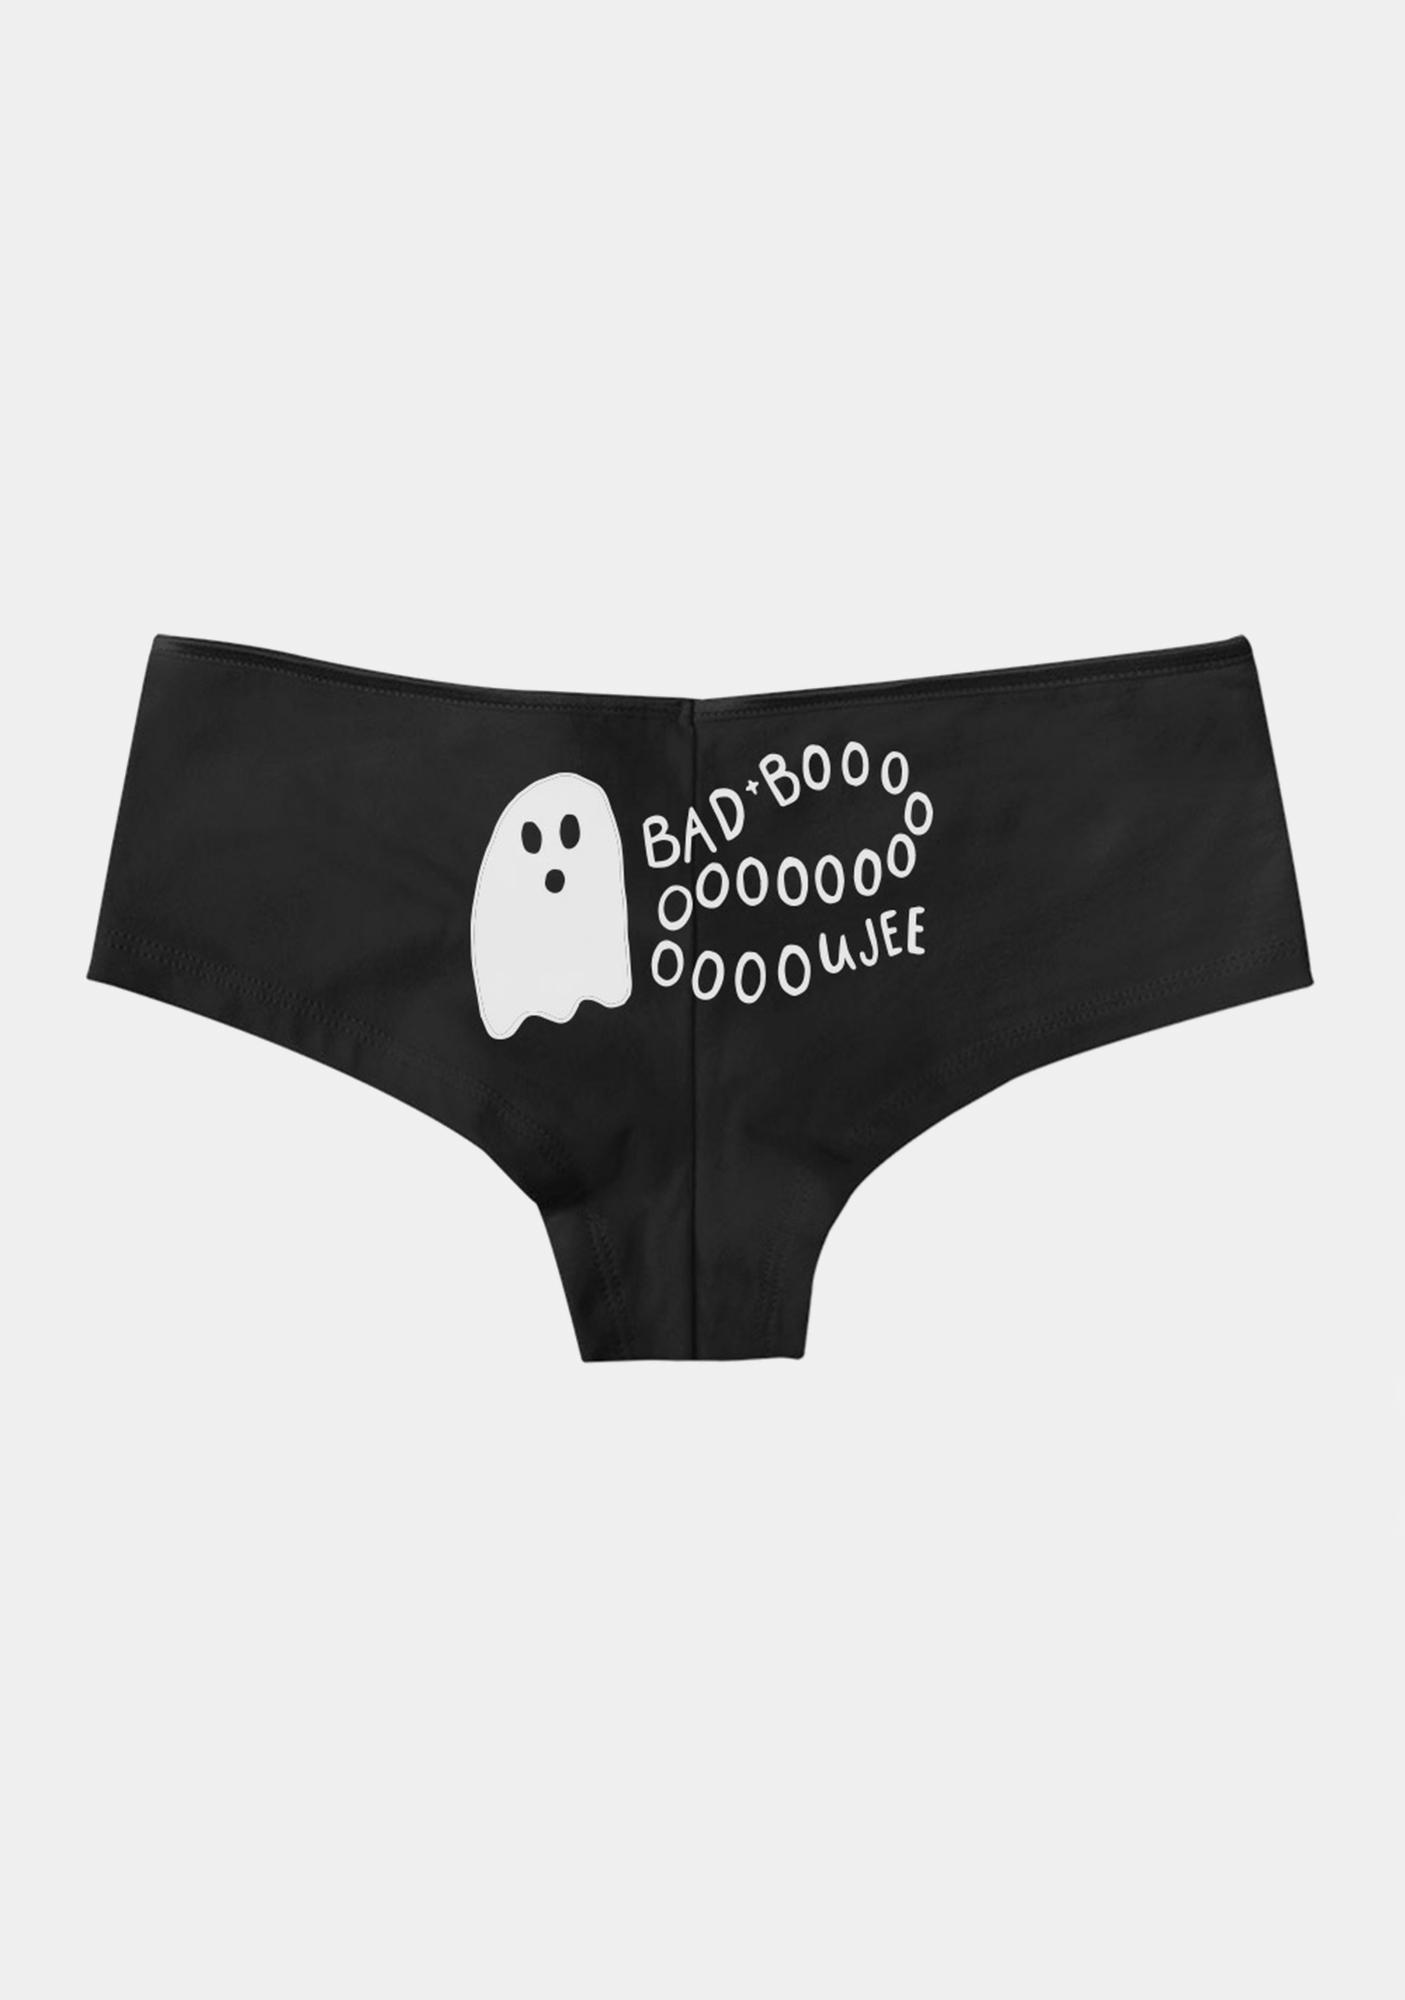 Femfetti Bad & Boojie Ghost Boy Short Undies